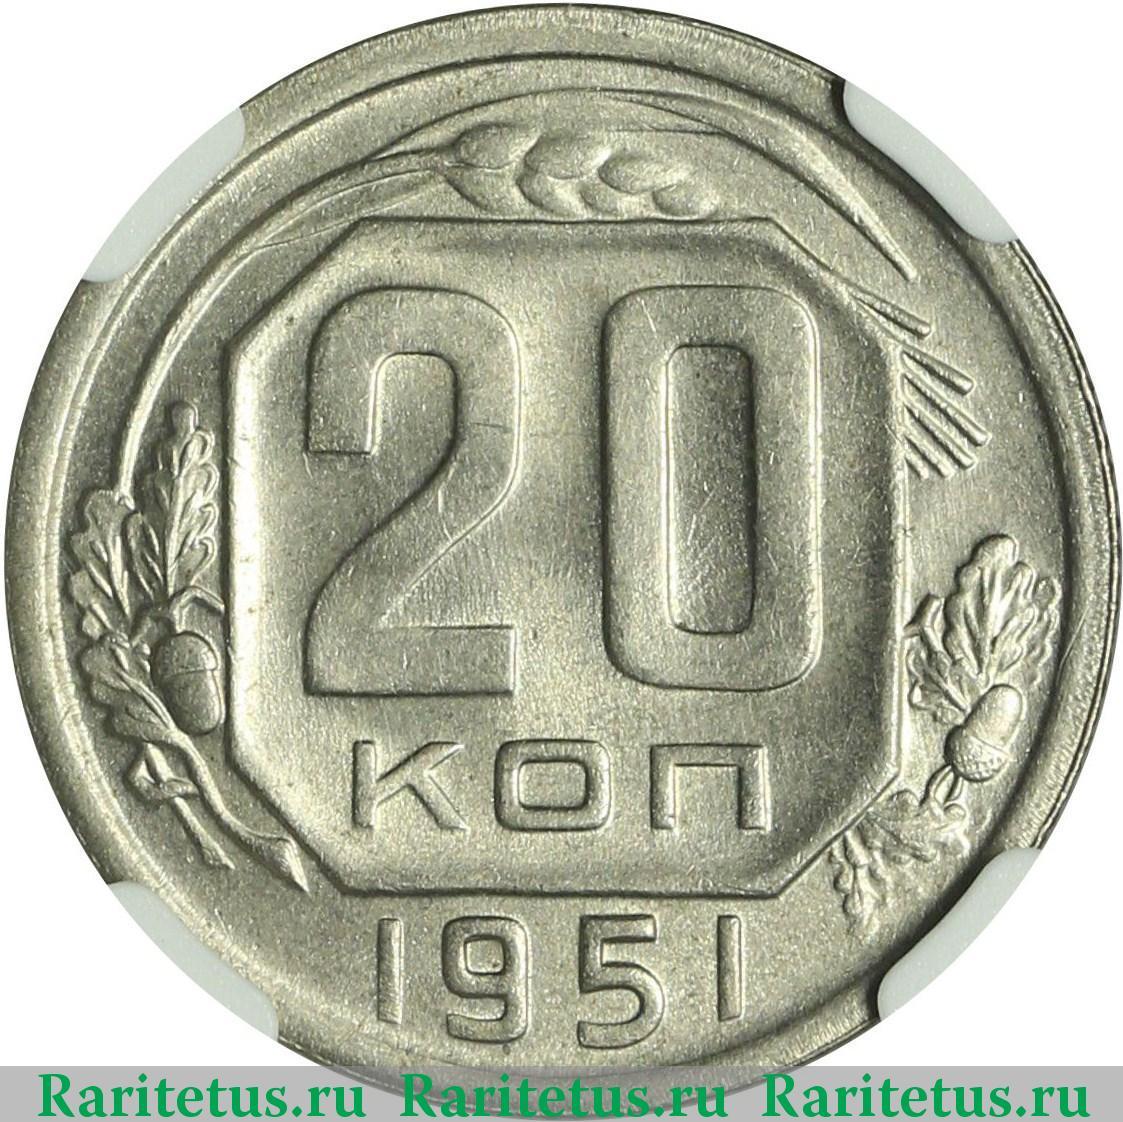 Стоимость 20 копеек 1951 года цена хранение монет альбом